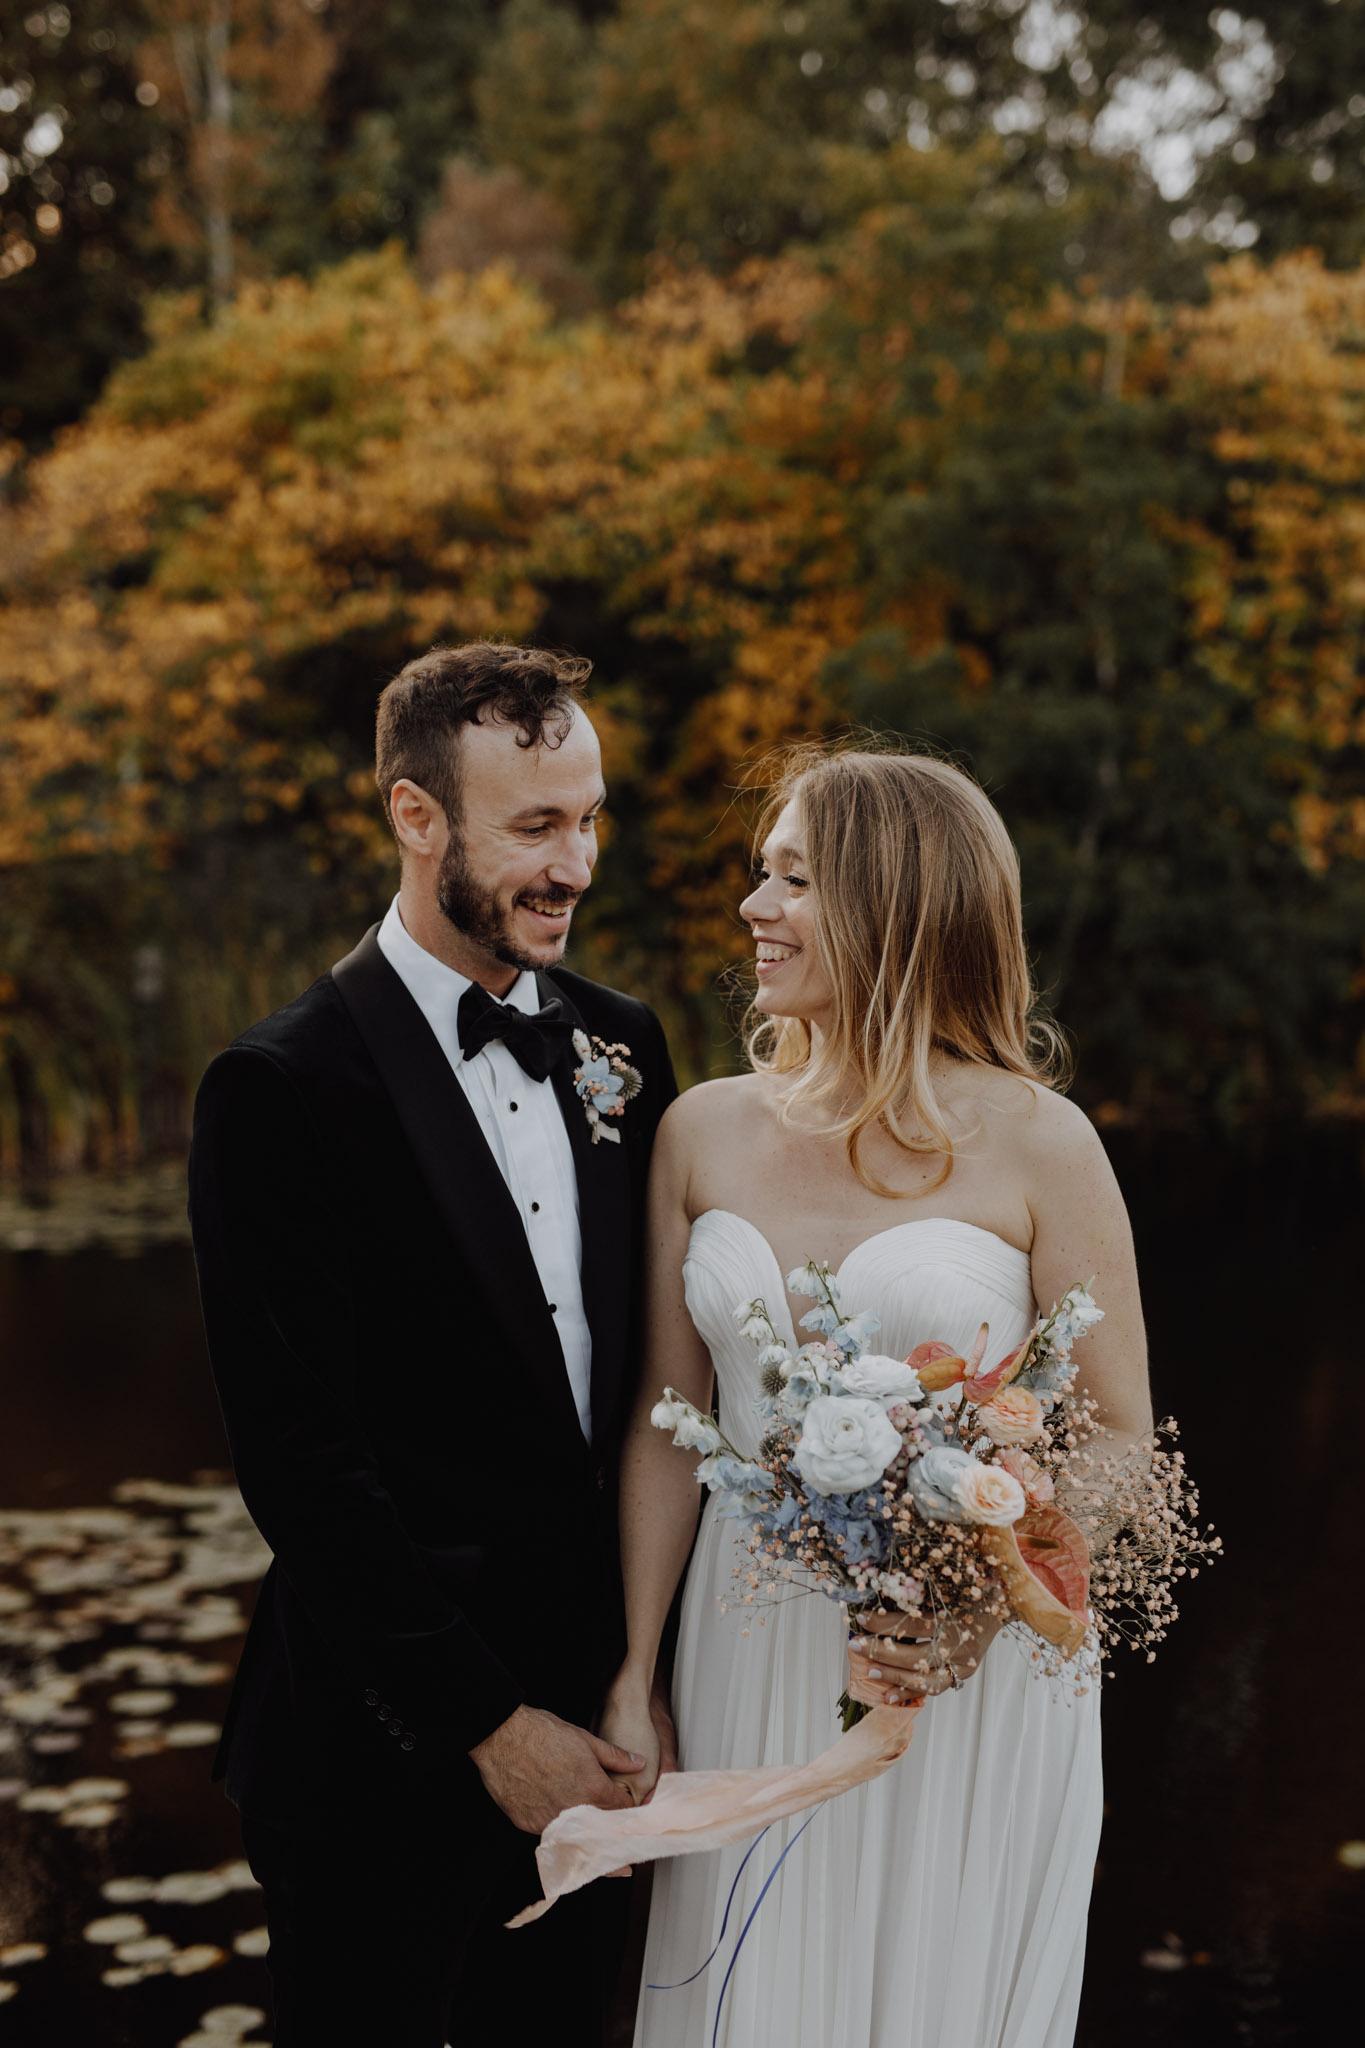 Casa La Palma Wedding - Bride and Groom by the water